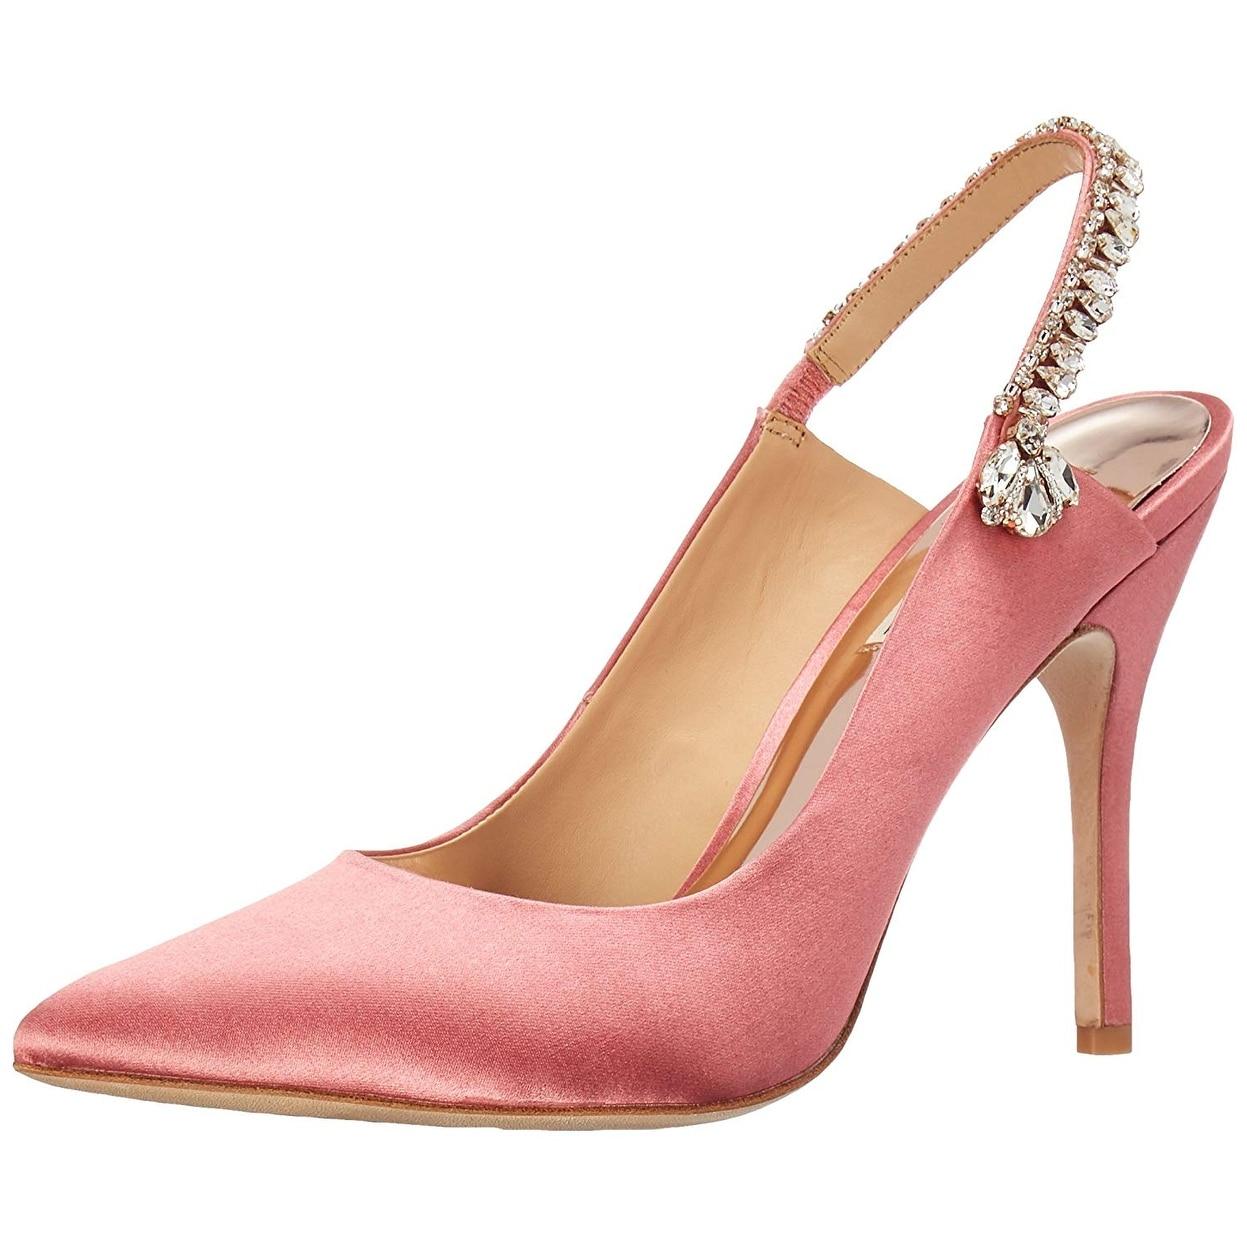 cc92f959149 Buy Pink Badgley Mischka Women s Heels Online at Overstock